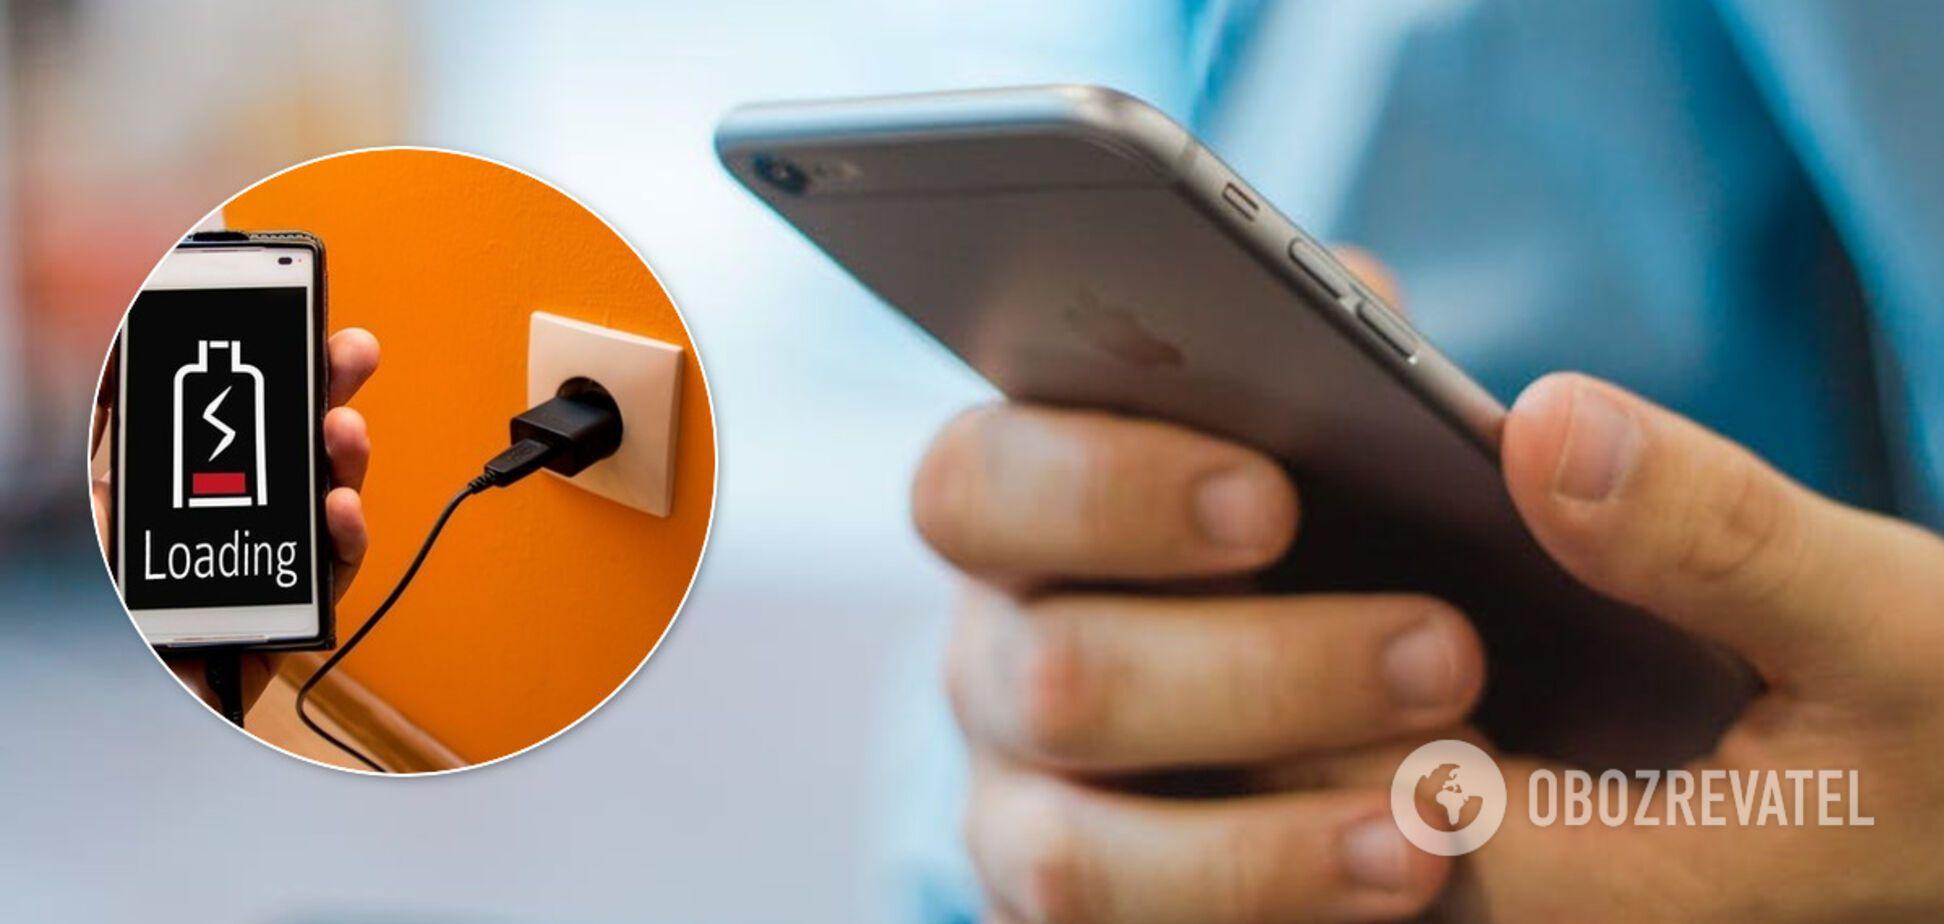 Як продовжити роботу батареї смартфона: прості поради